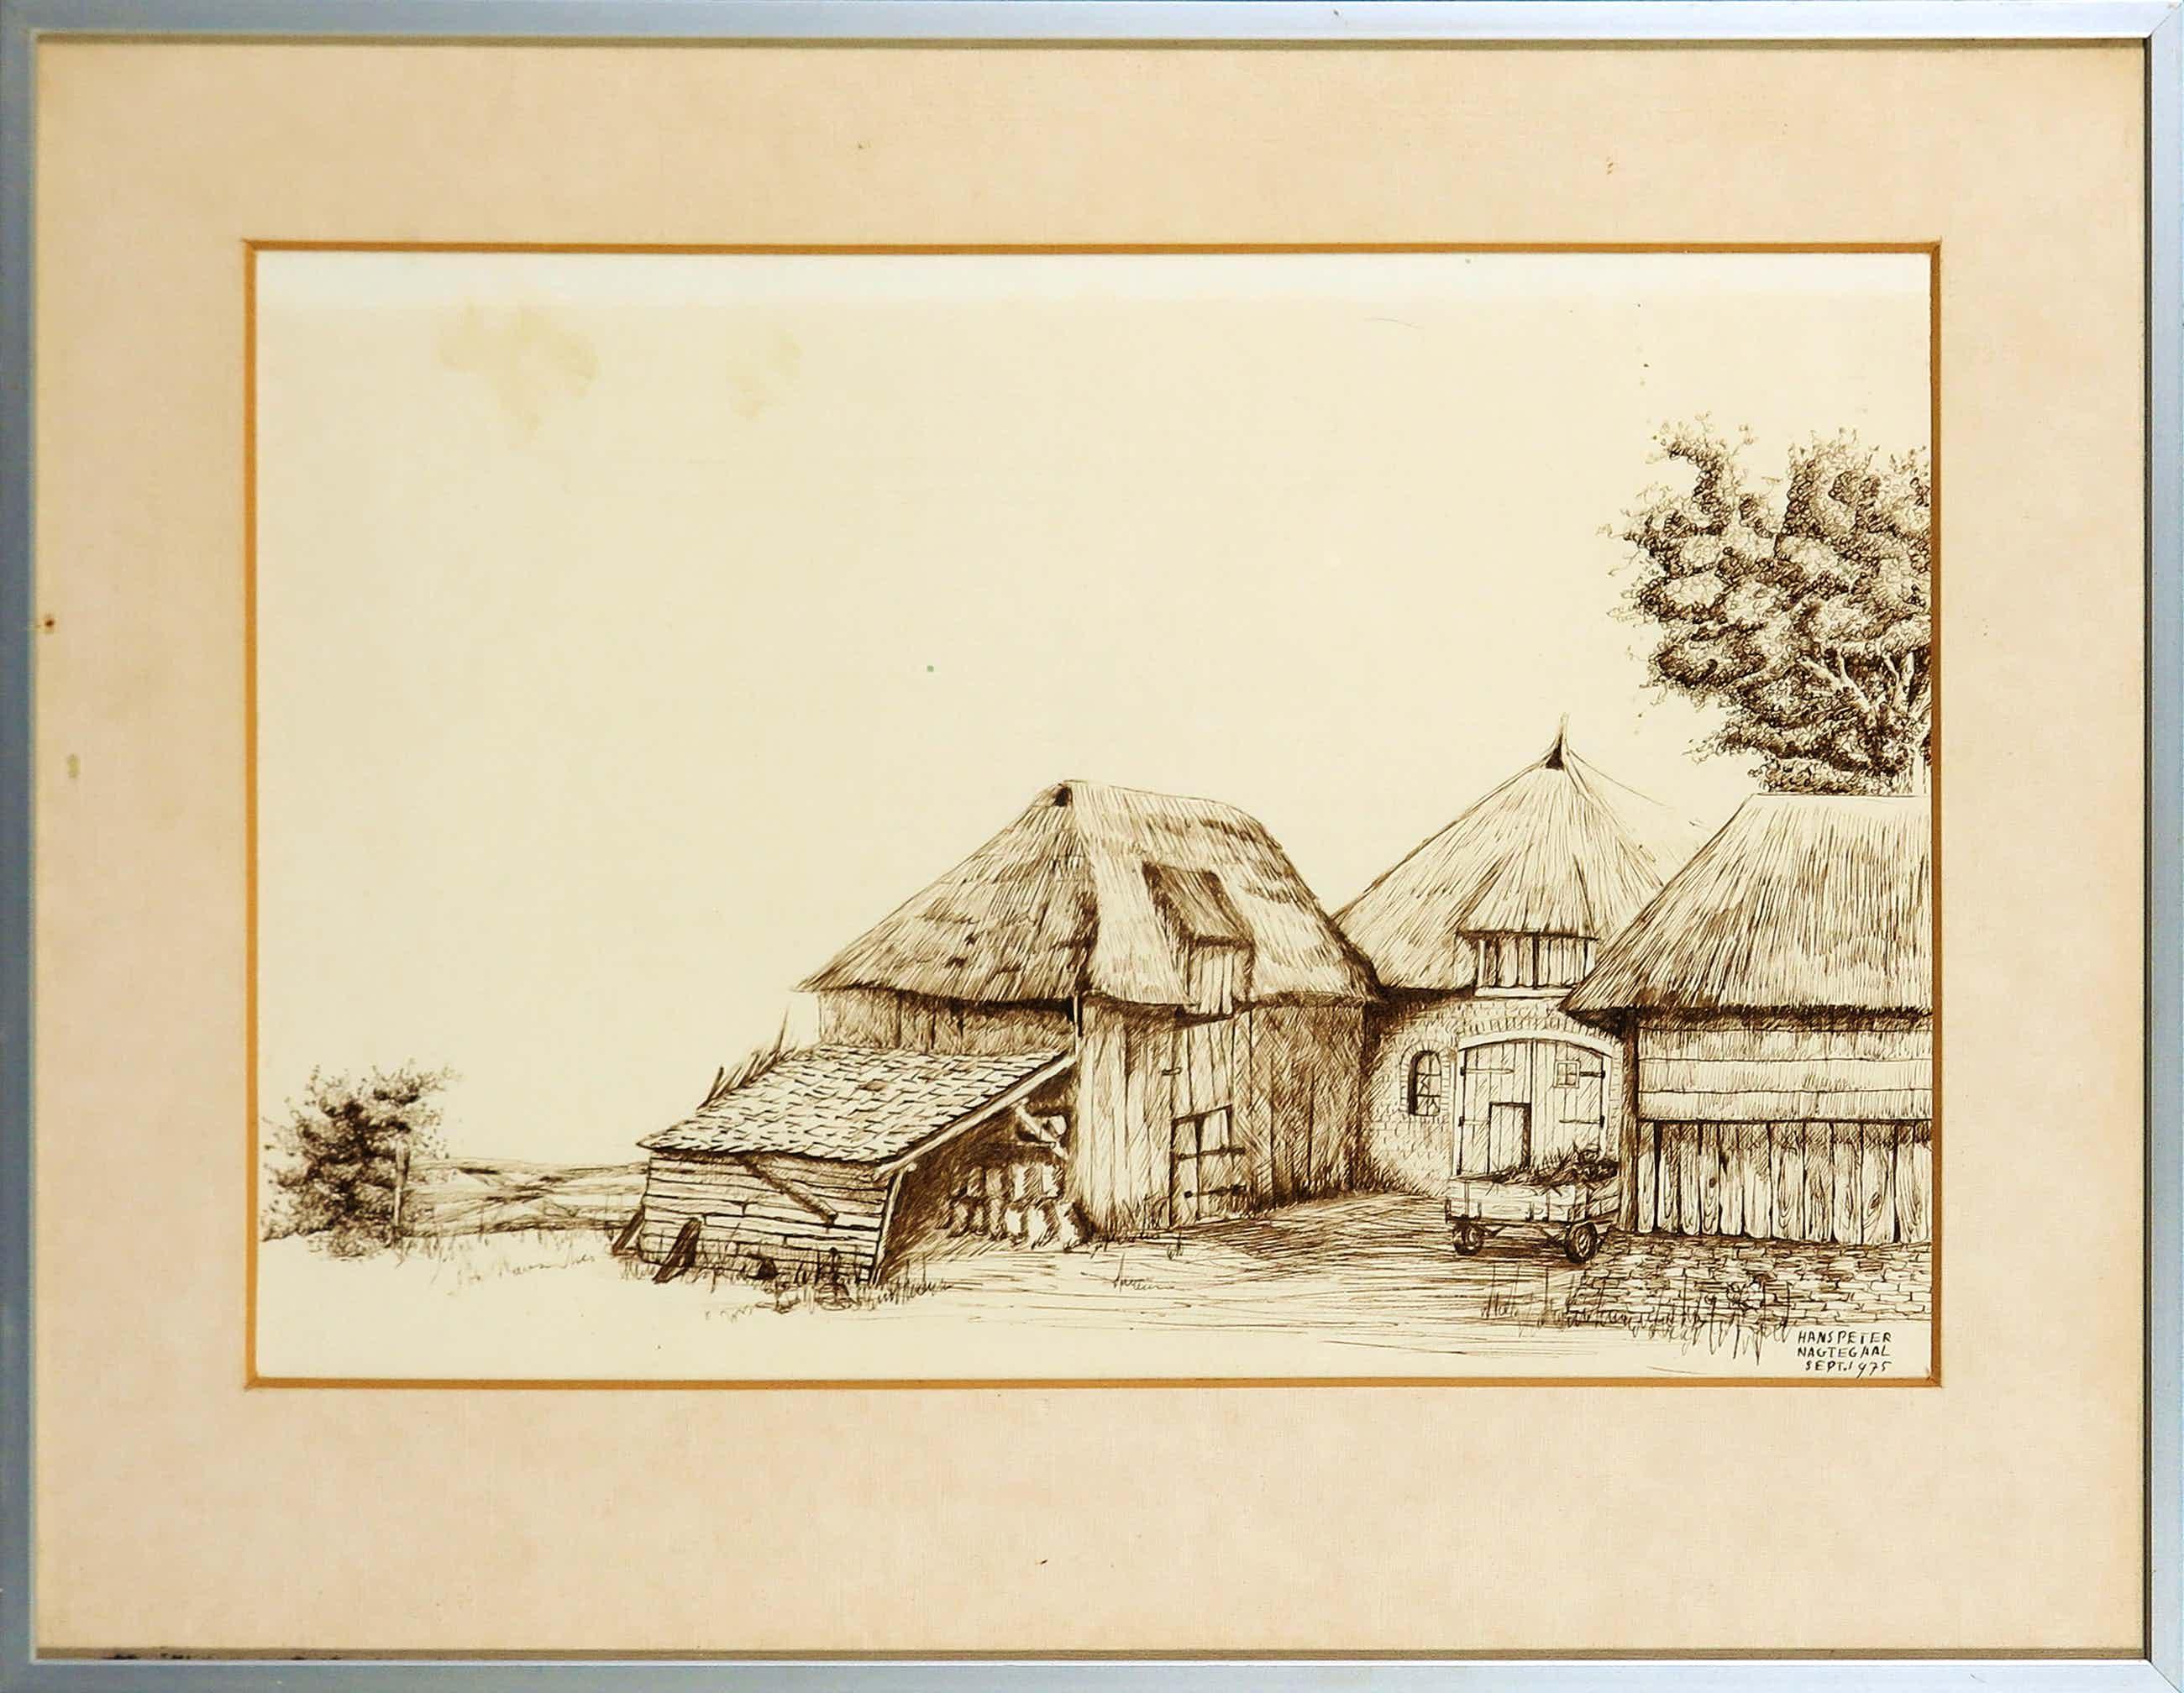 Hans Peter Nagtegaal - Sepia pentekening, Boerenerf - Ingelijst kopen? Bied vanaf 180!